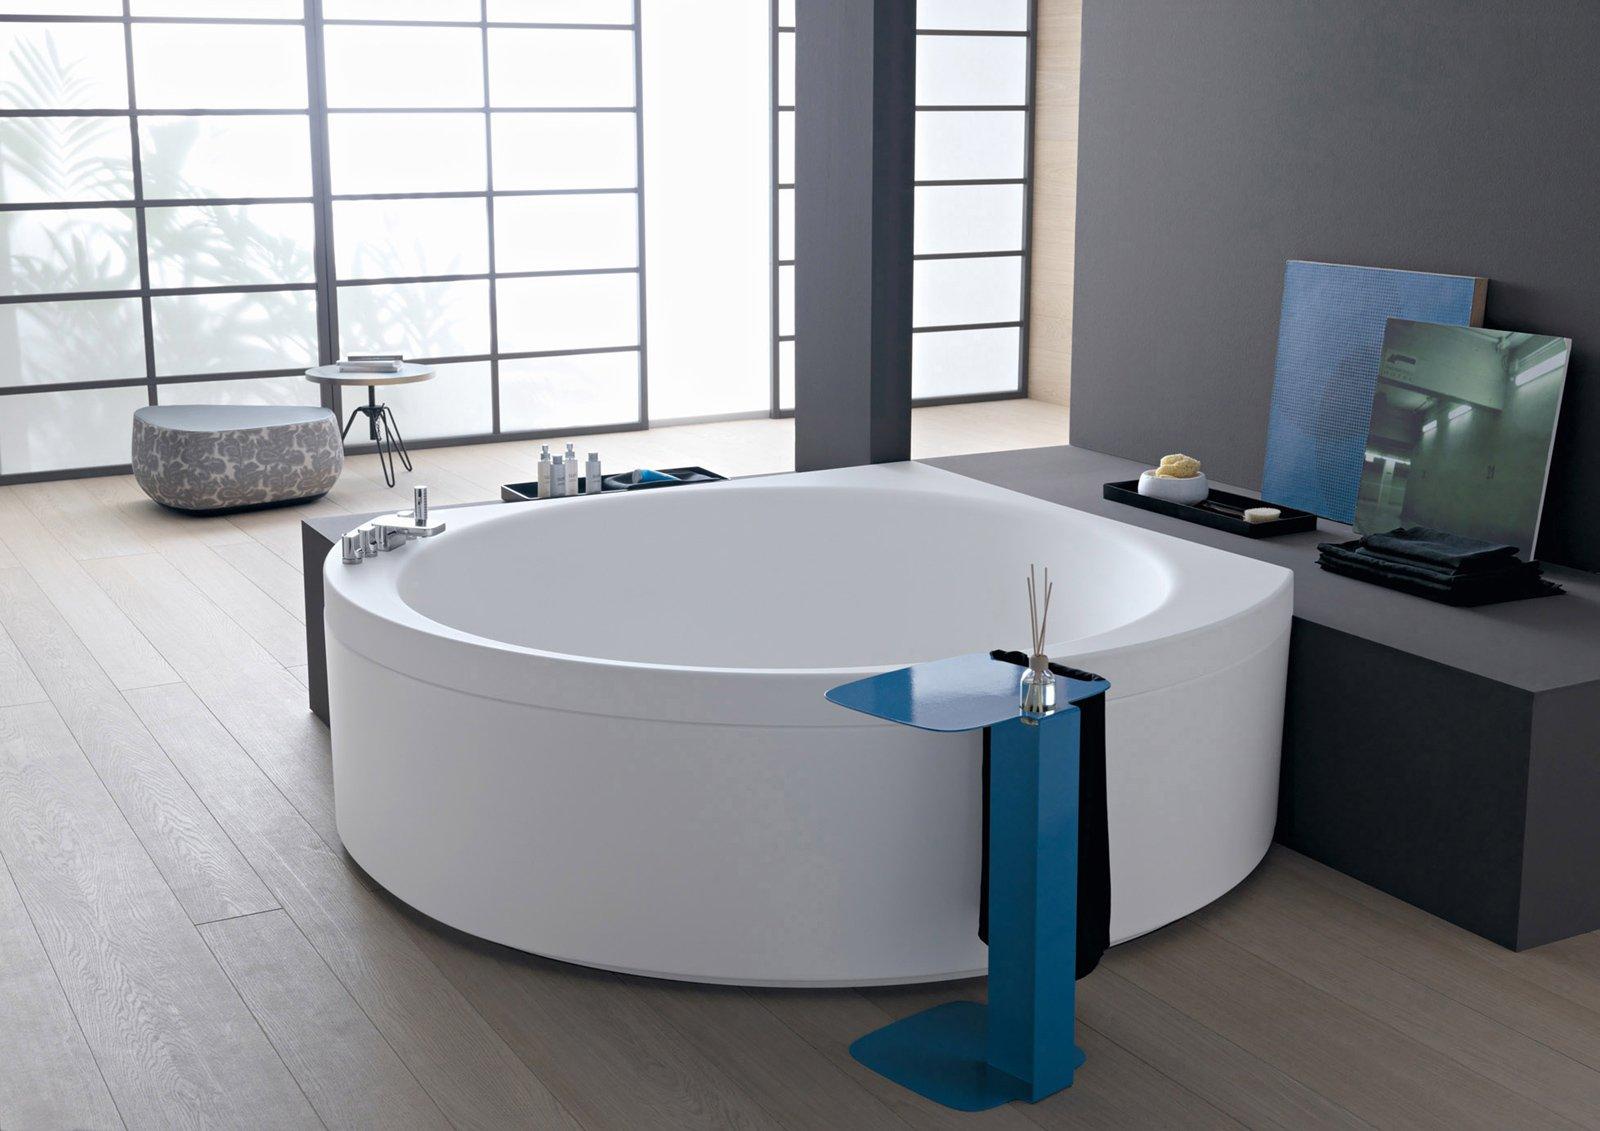 Bagno come attrezzarlo per il tuo benessere cose di casa - Vasca da bagno libera installazione ...